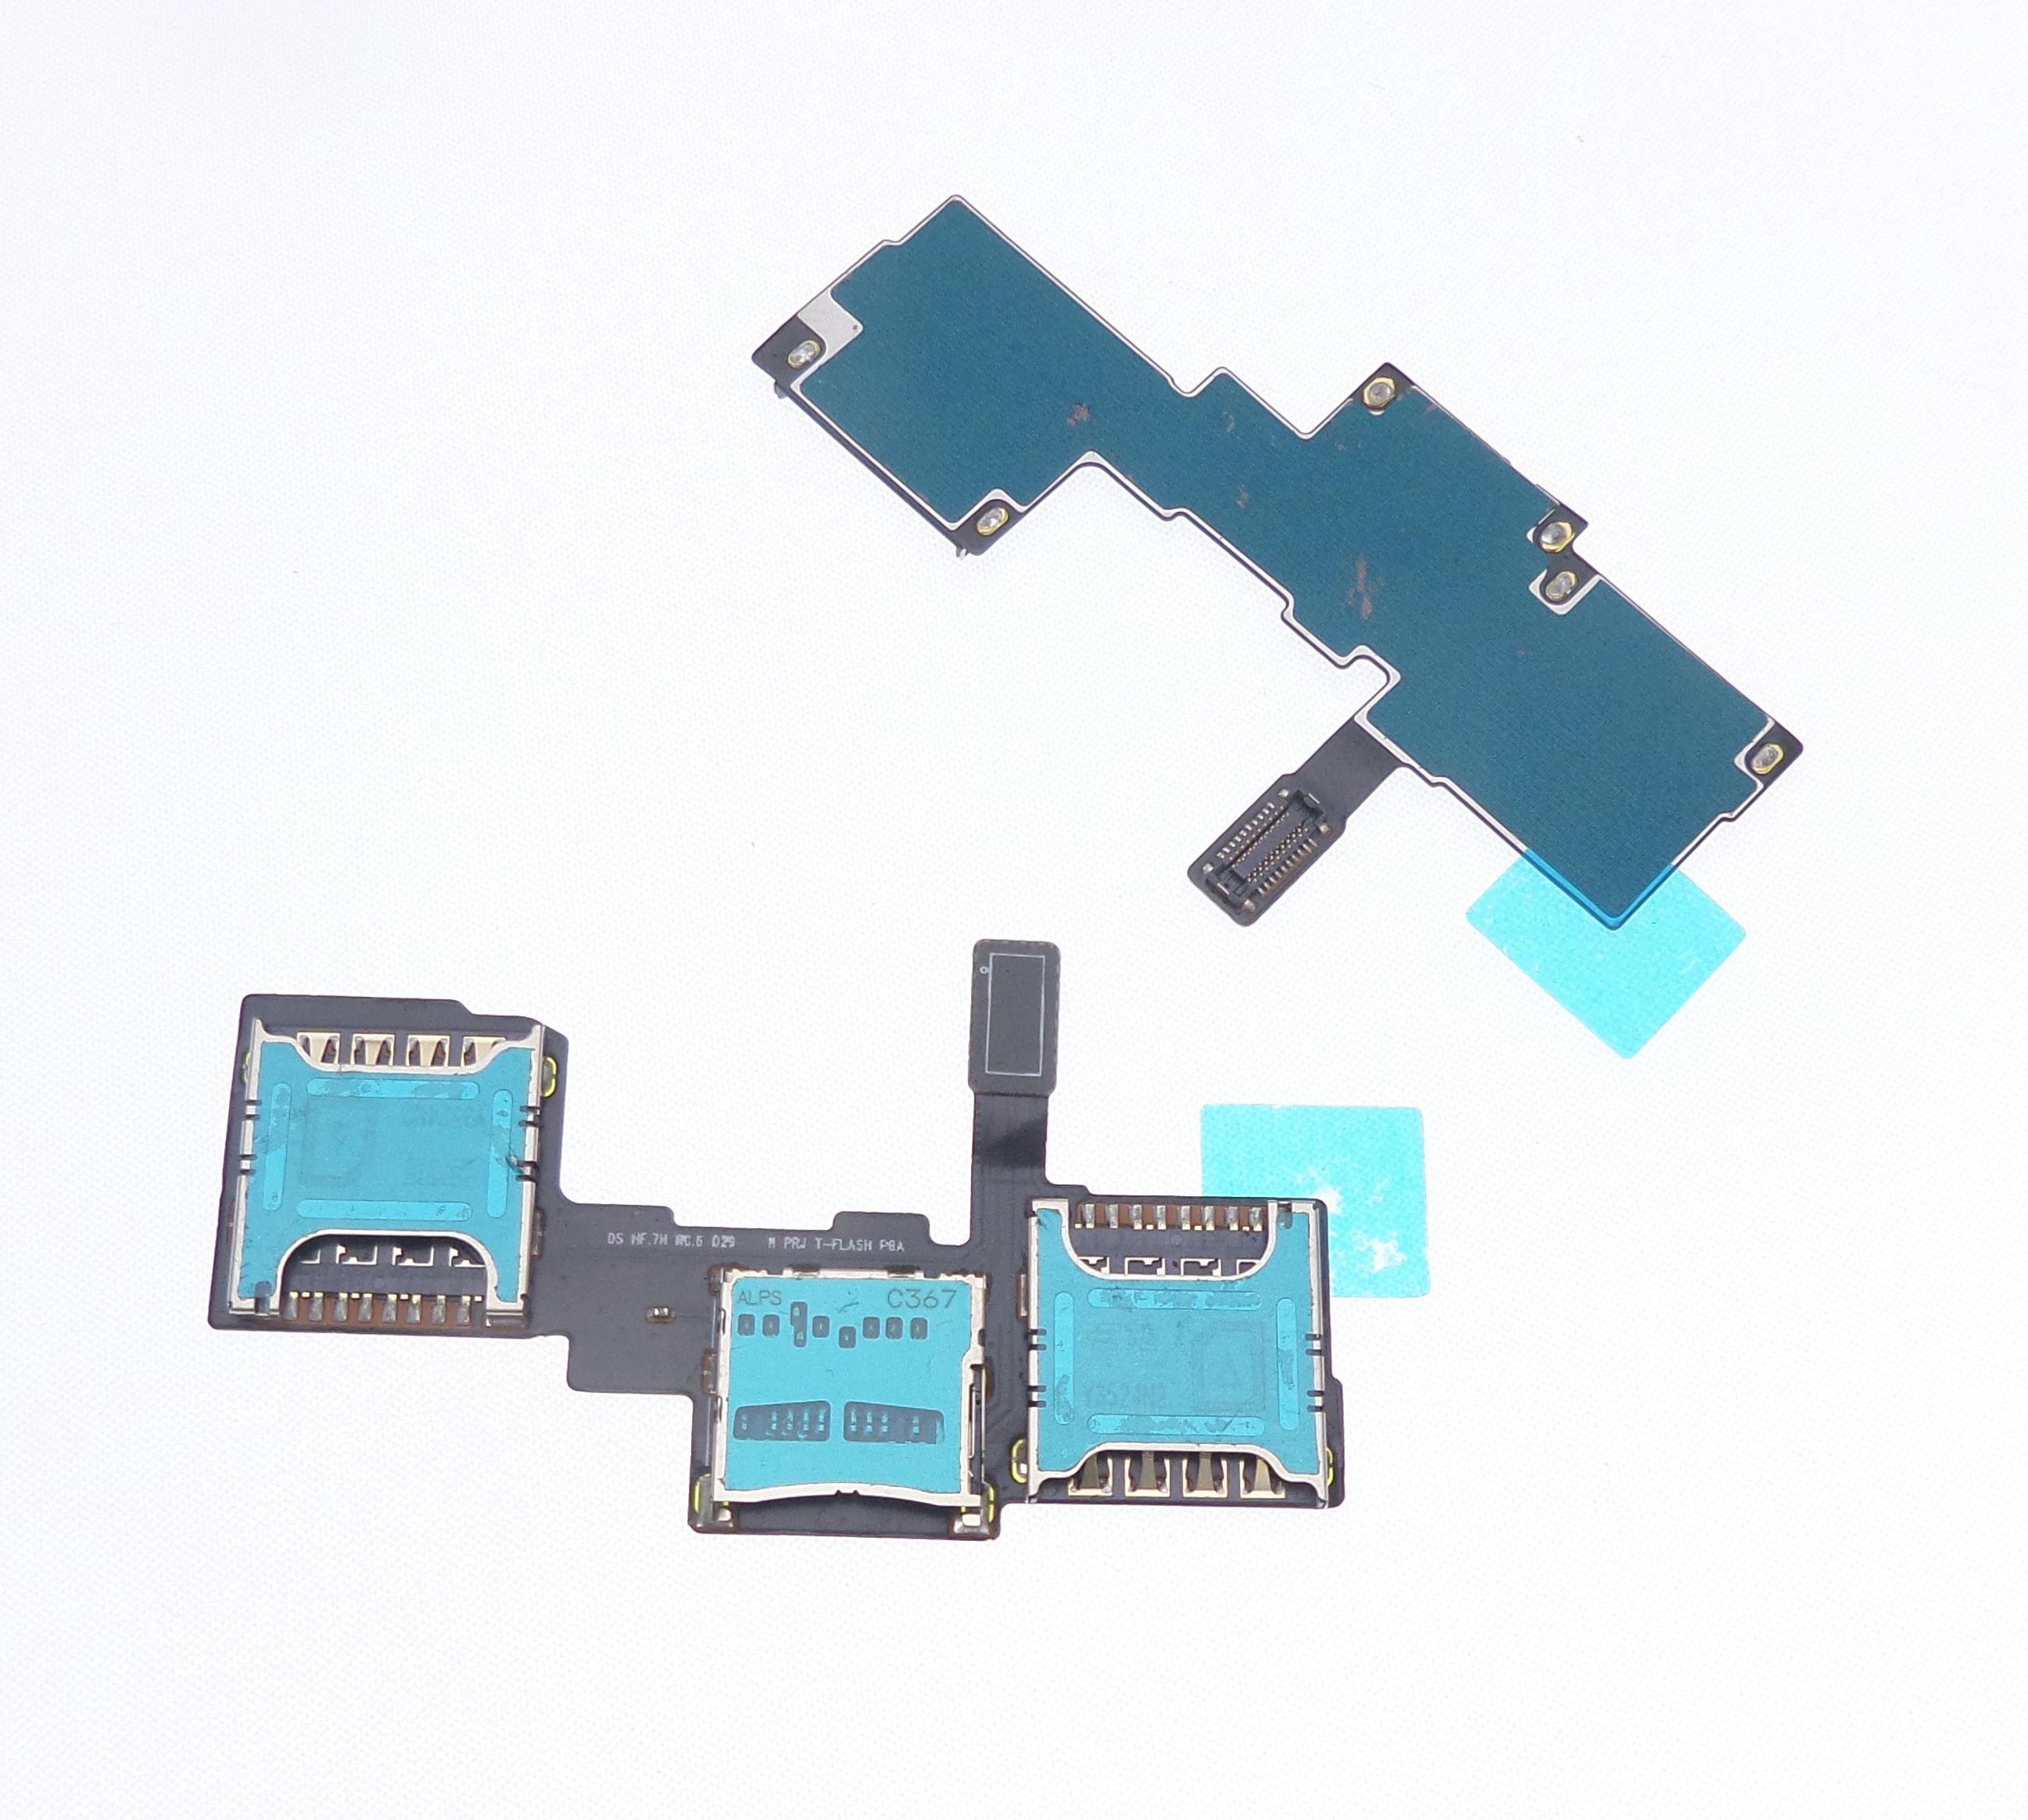 Lecteur carte SIM pour Samsung Galaxy Note 3 N9005